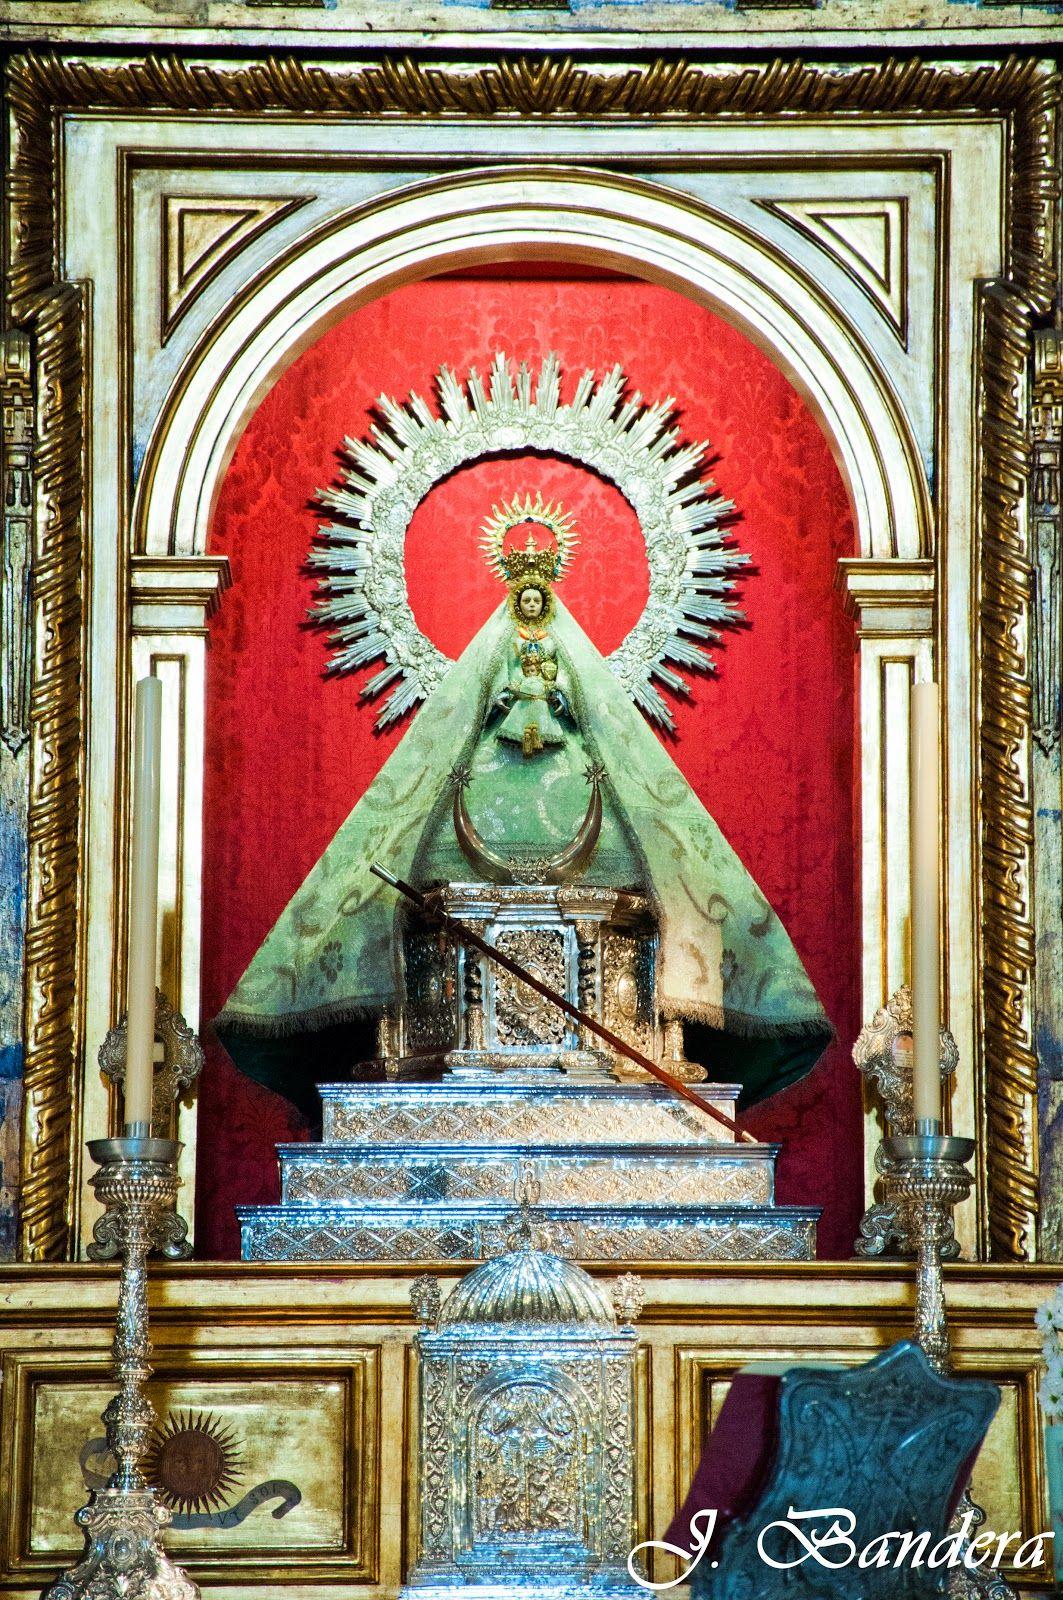 Las Fotografías De Bandera La Virgen De La Caridad De Sanlúcar De Barrameda Virgen De La Caridad Caridad Hermandades De Sevilla